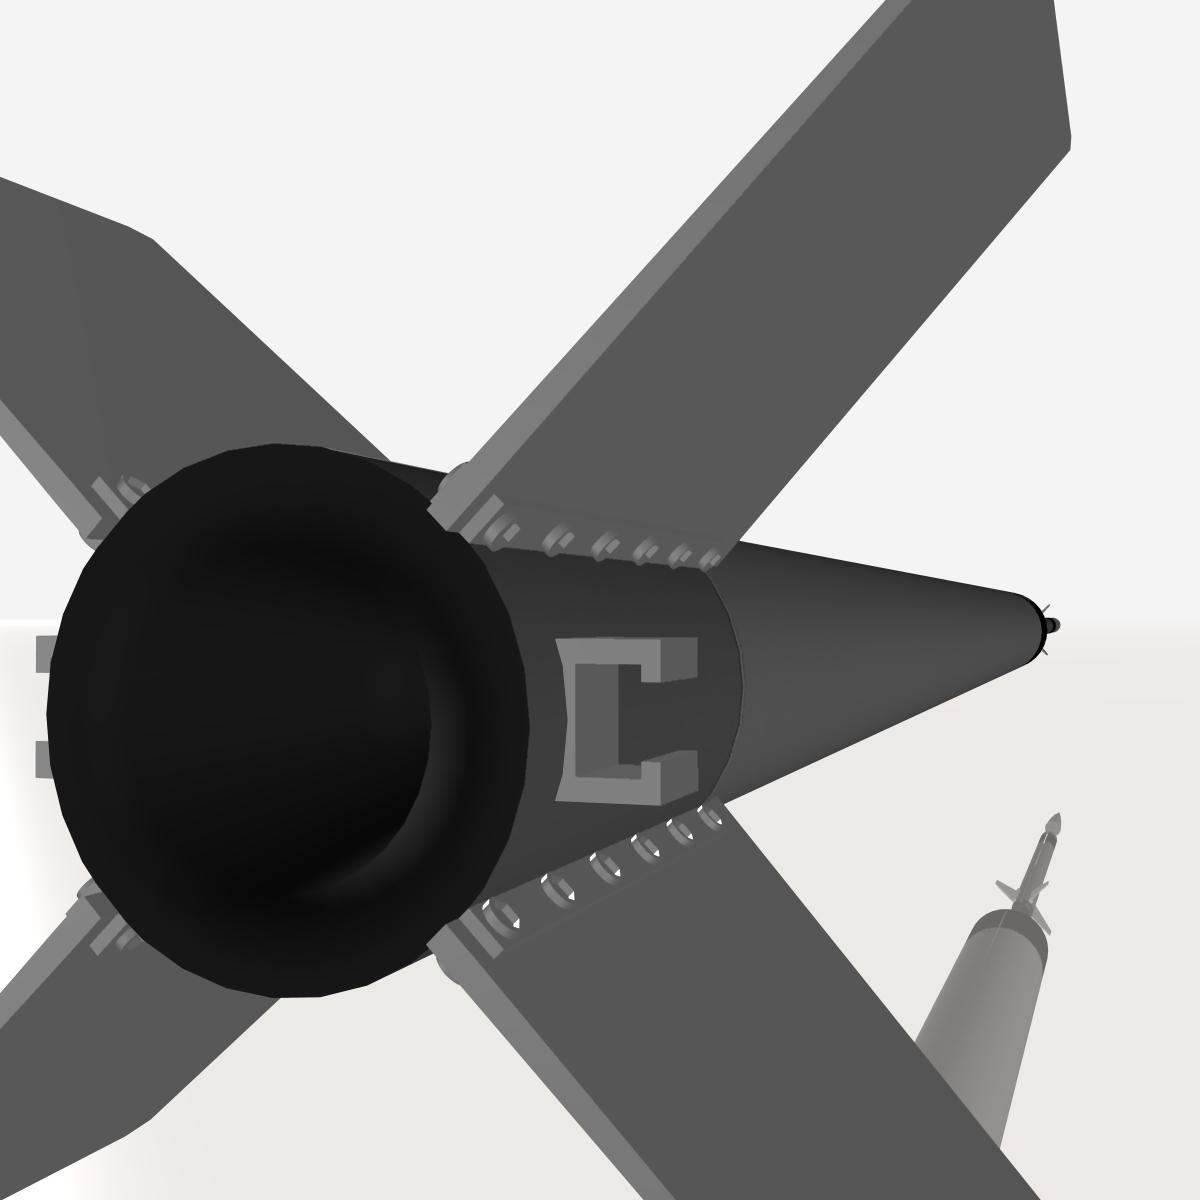 ni roced hopi dart 3d model 3ds dxf cob x obj 152651